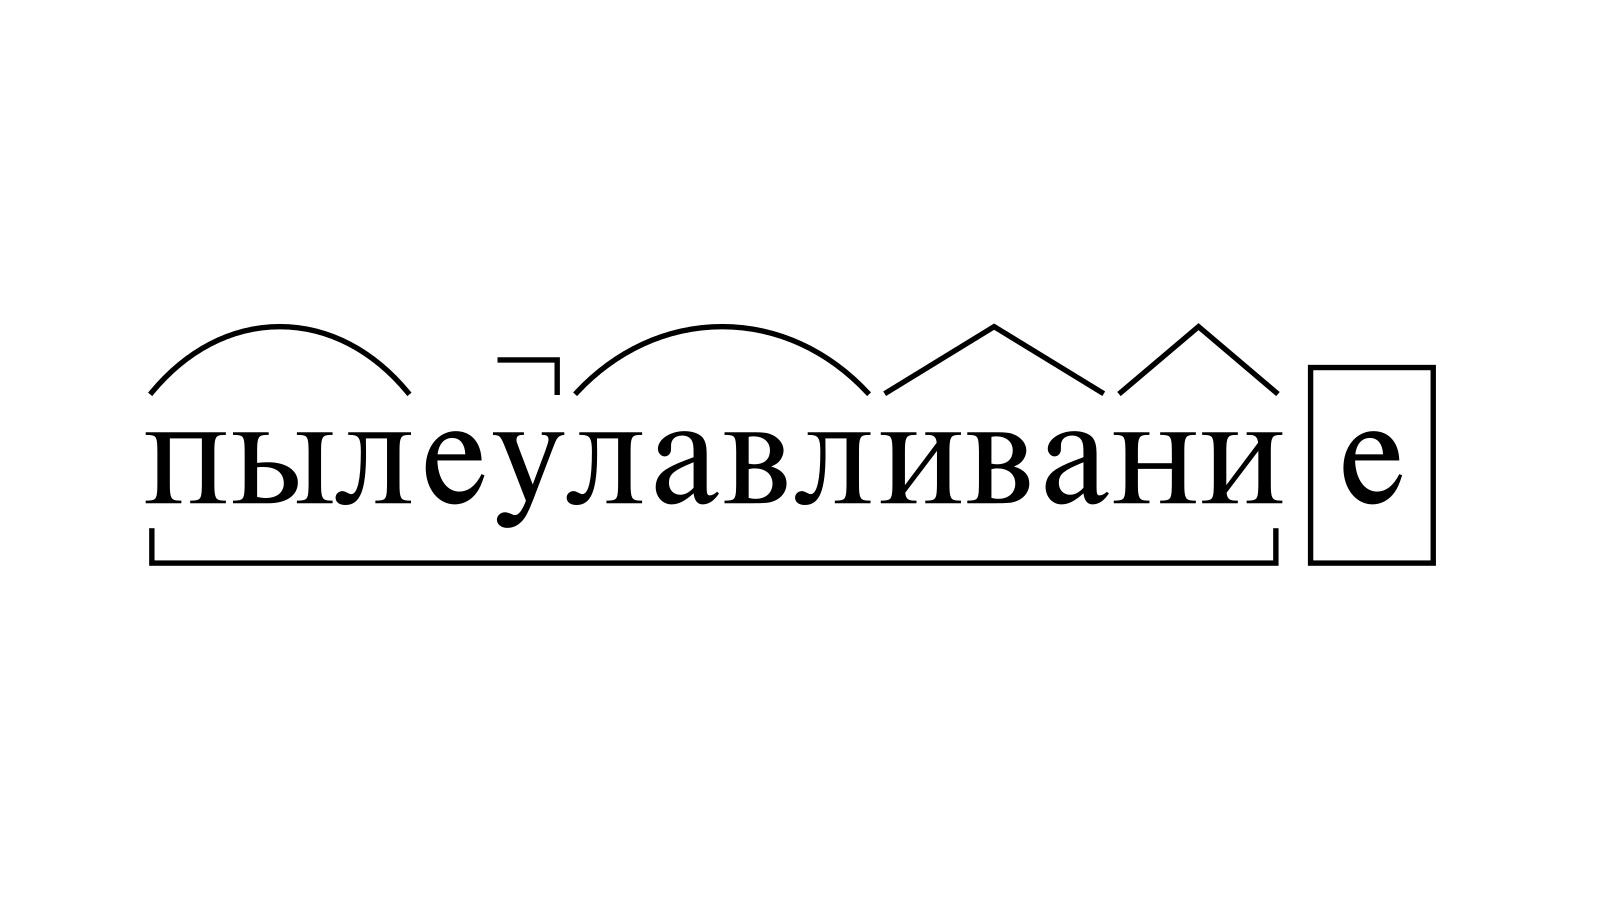 Разбор слова «пылеулавливание» по составу